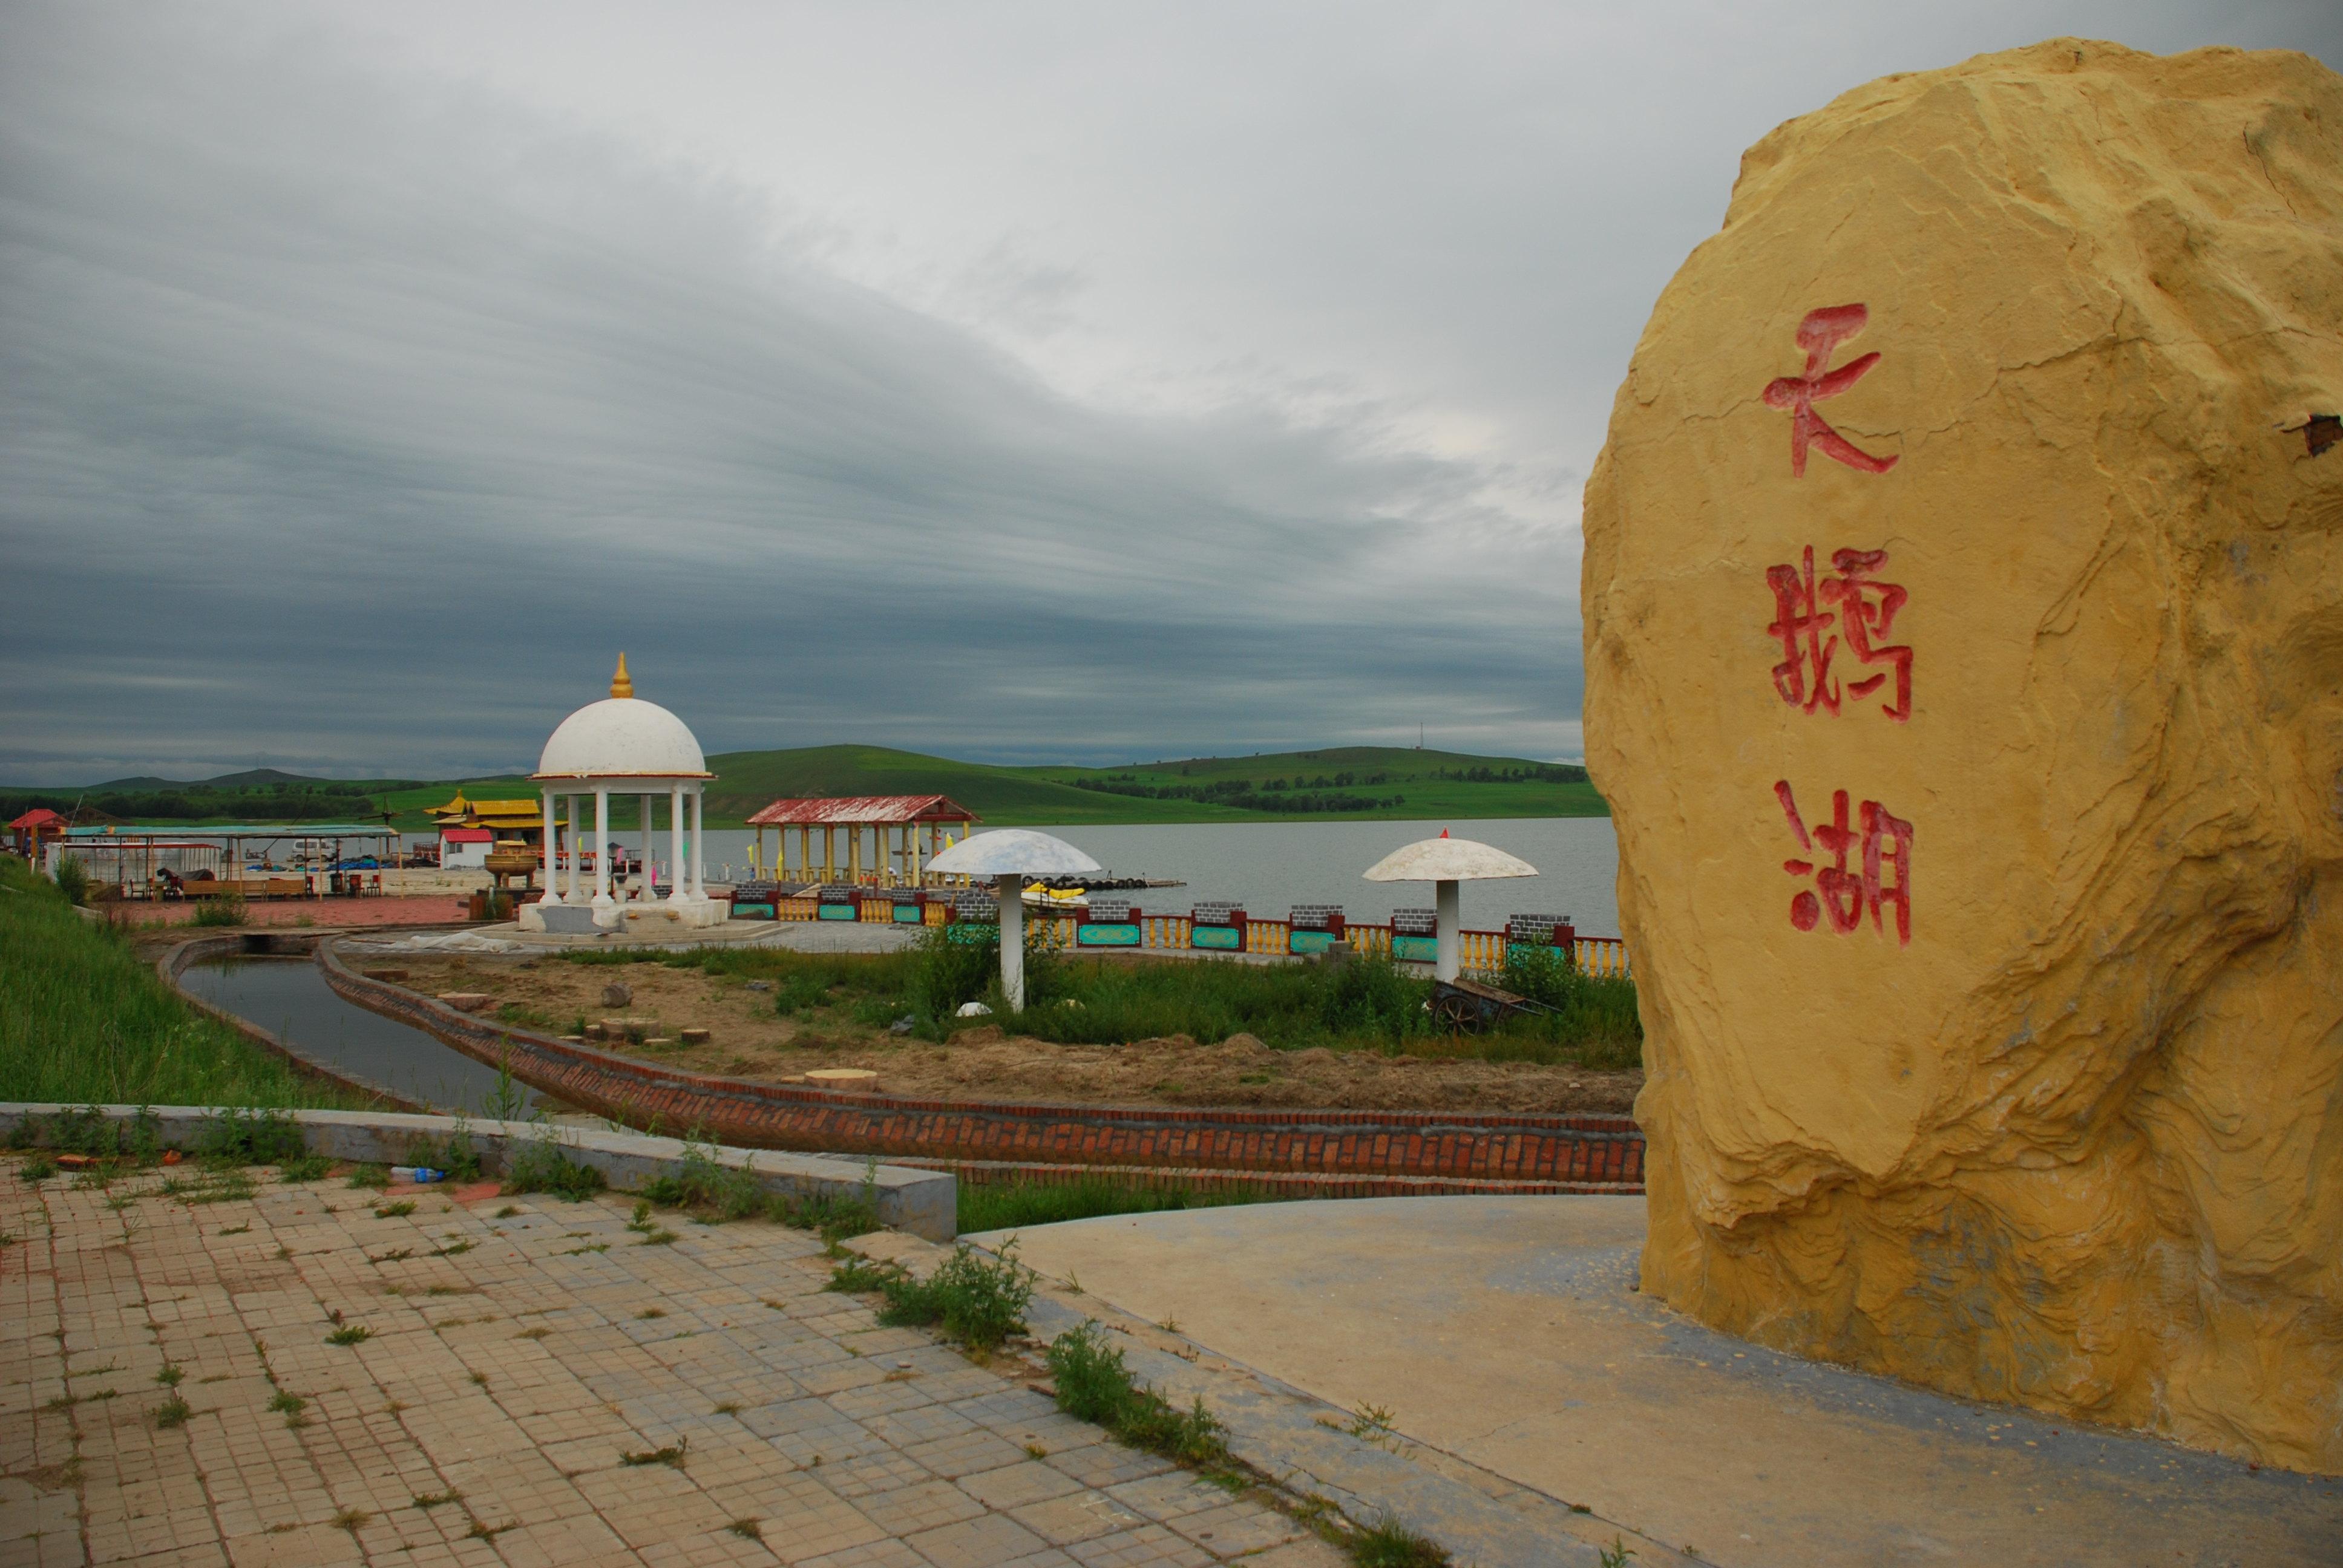 天鹅湖景区